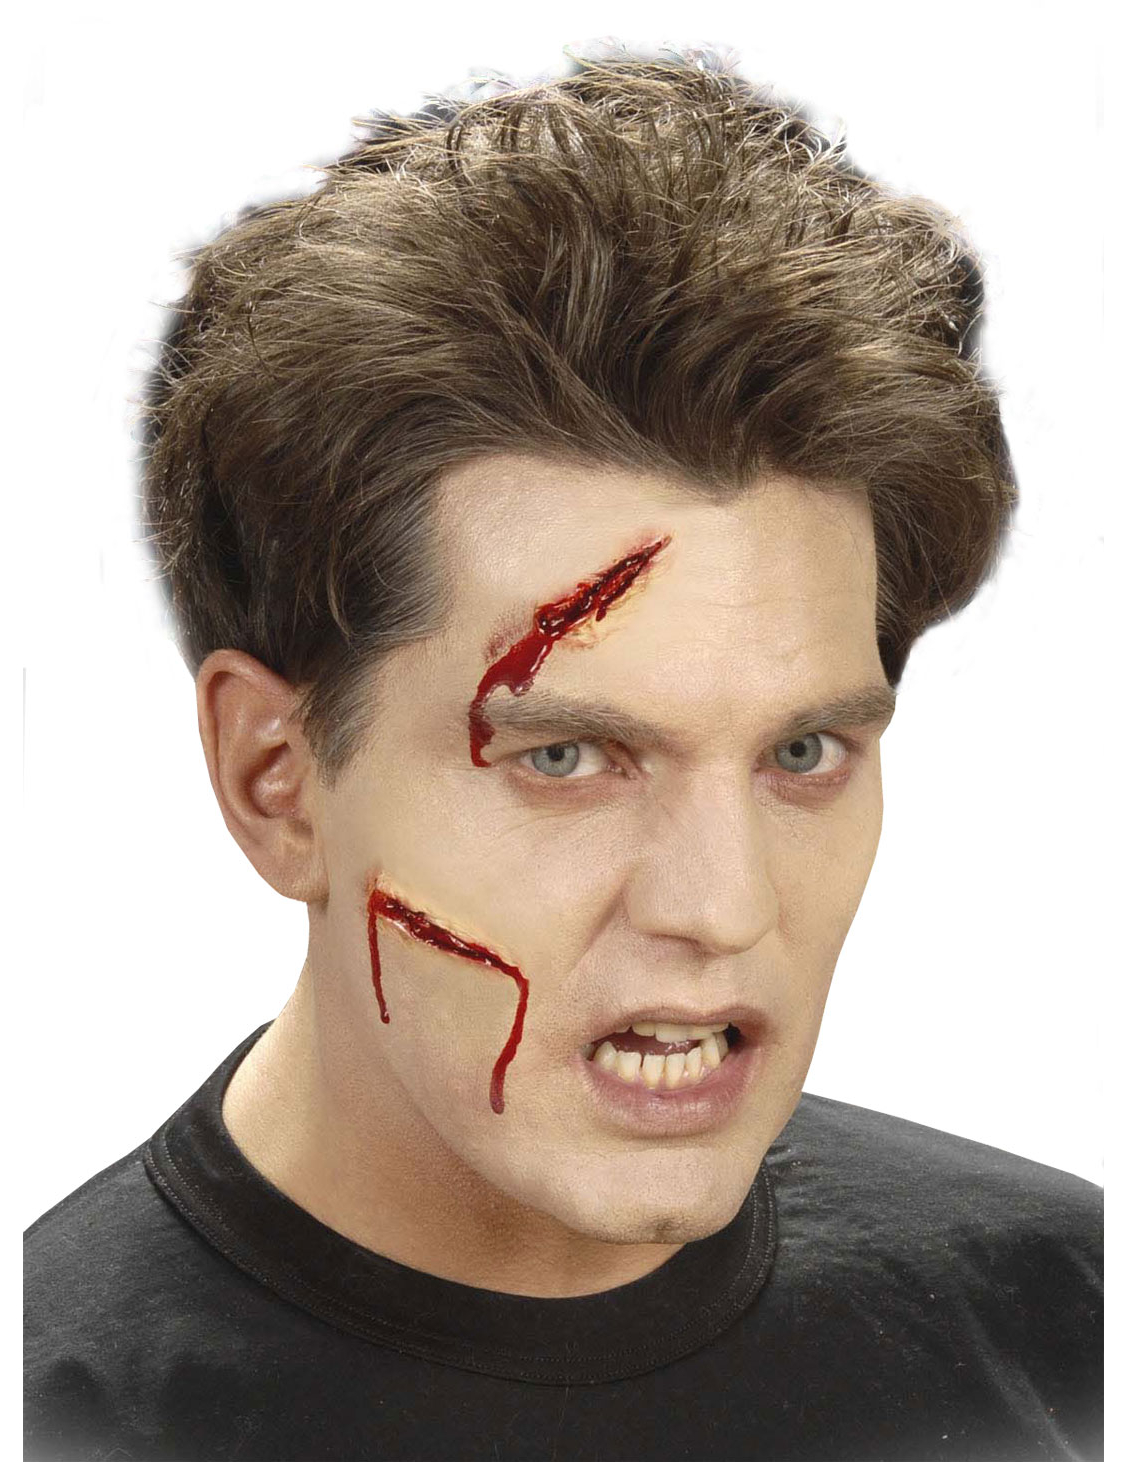 Ferite da taglio finte per Halloween acquito trucchi on line